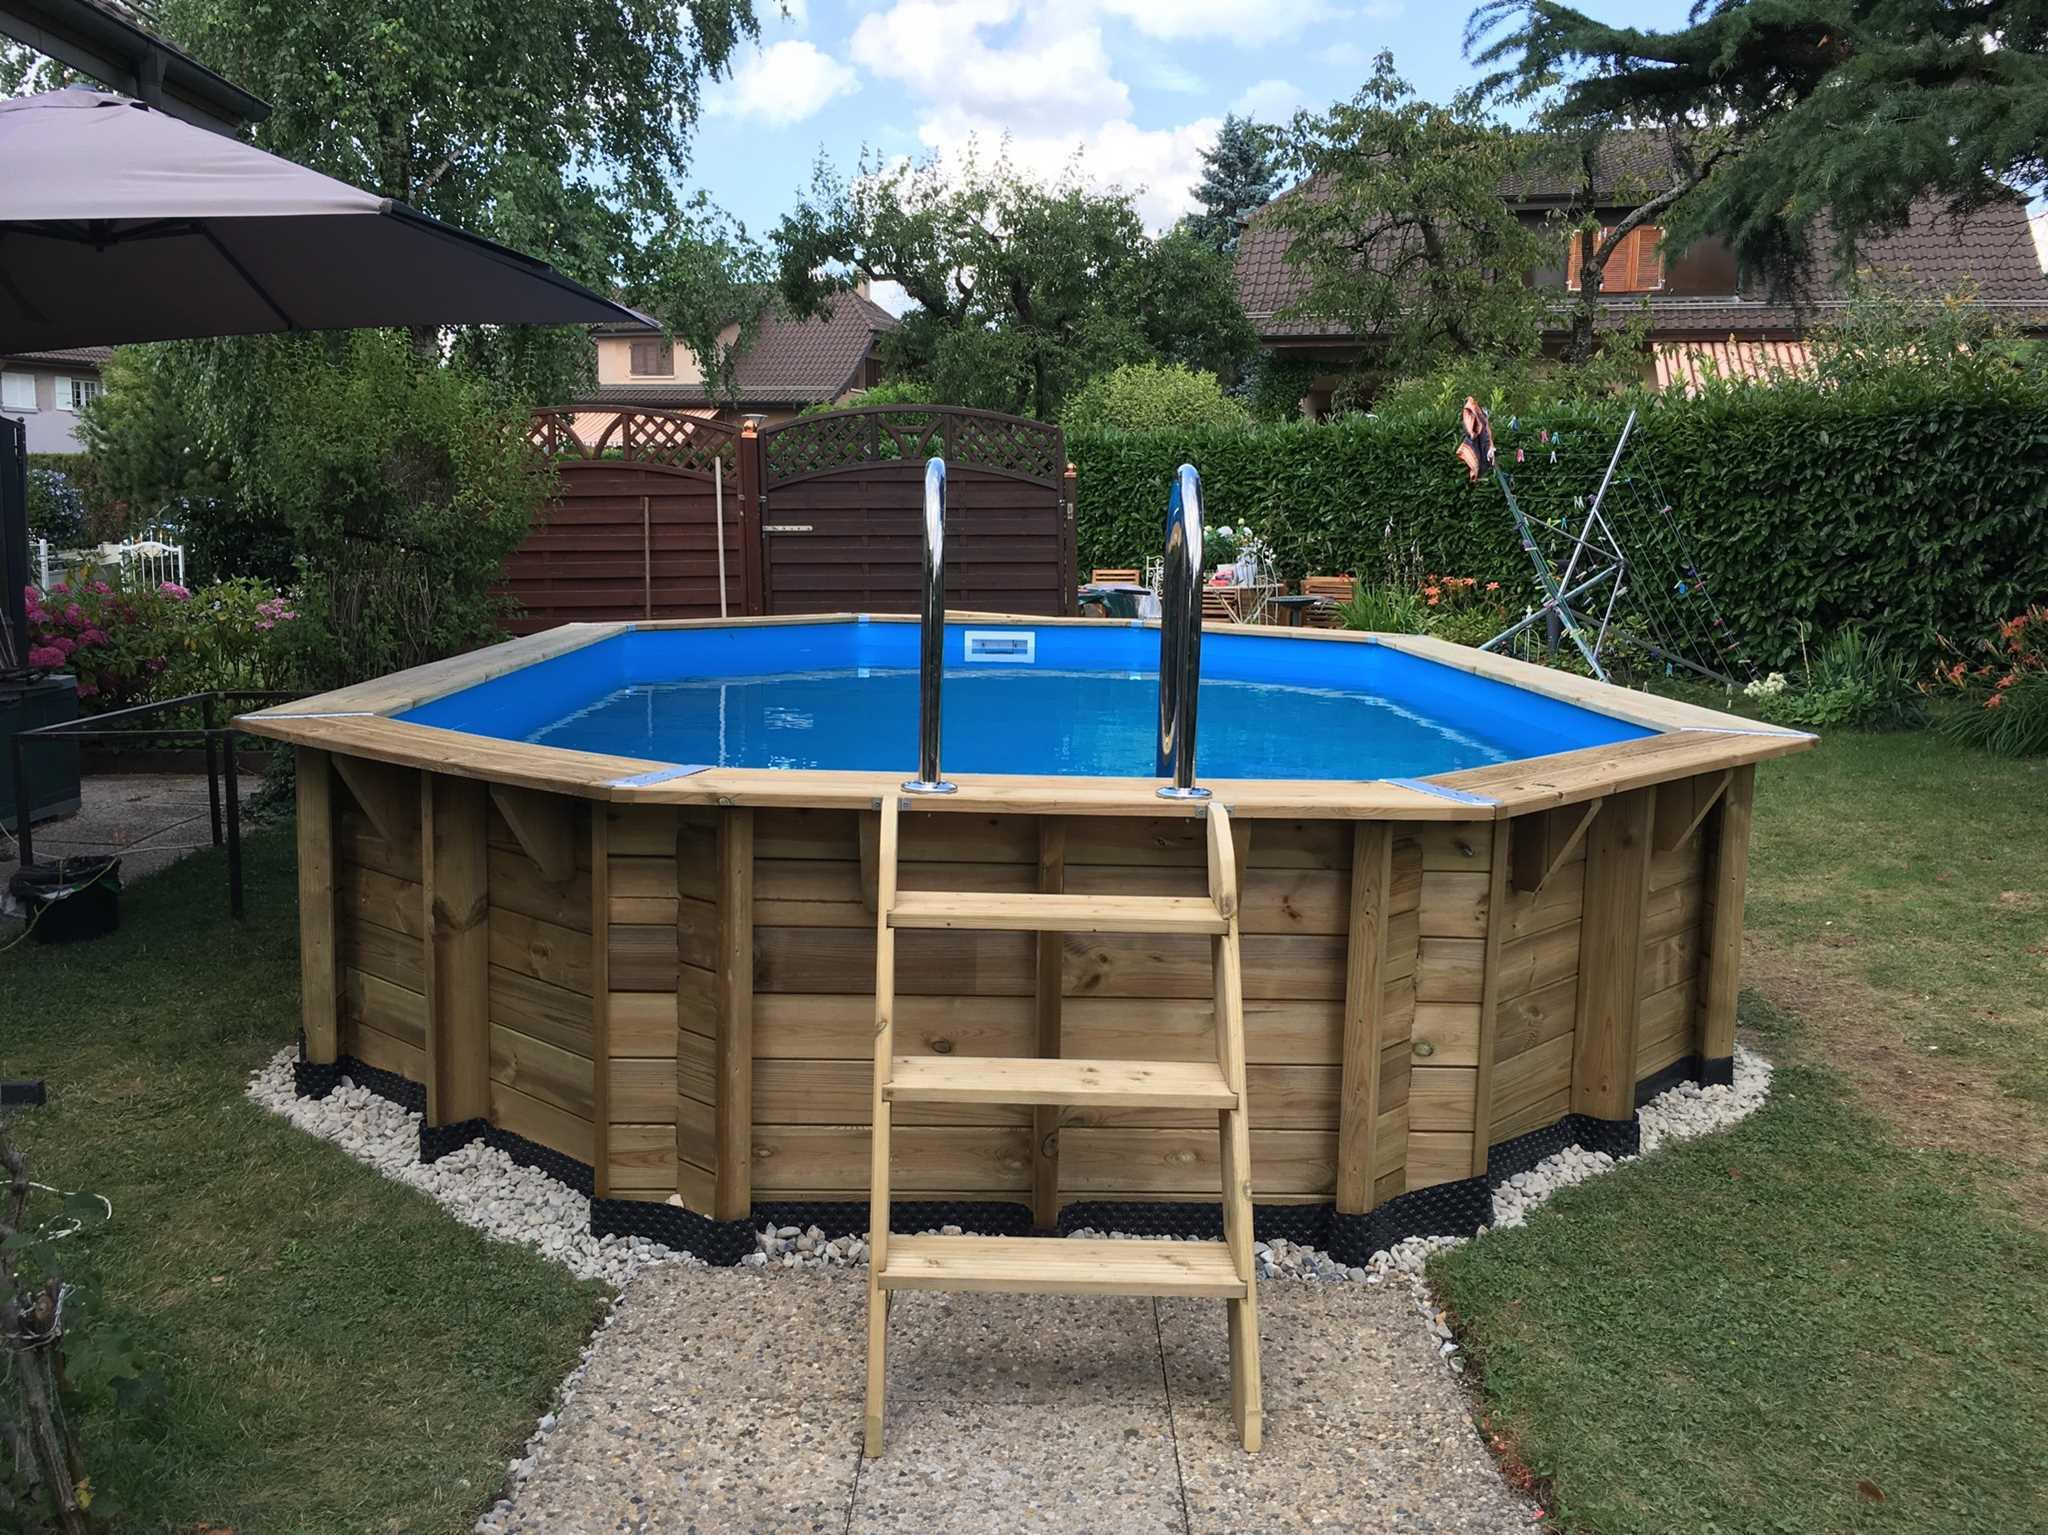 Pr paration pour pose de votre piscine piscines - Preparation accouchement piscine ...